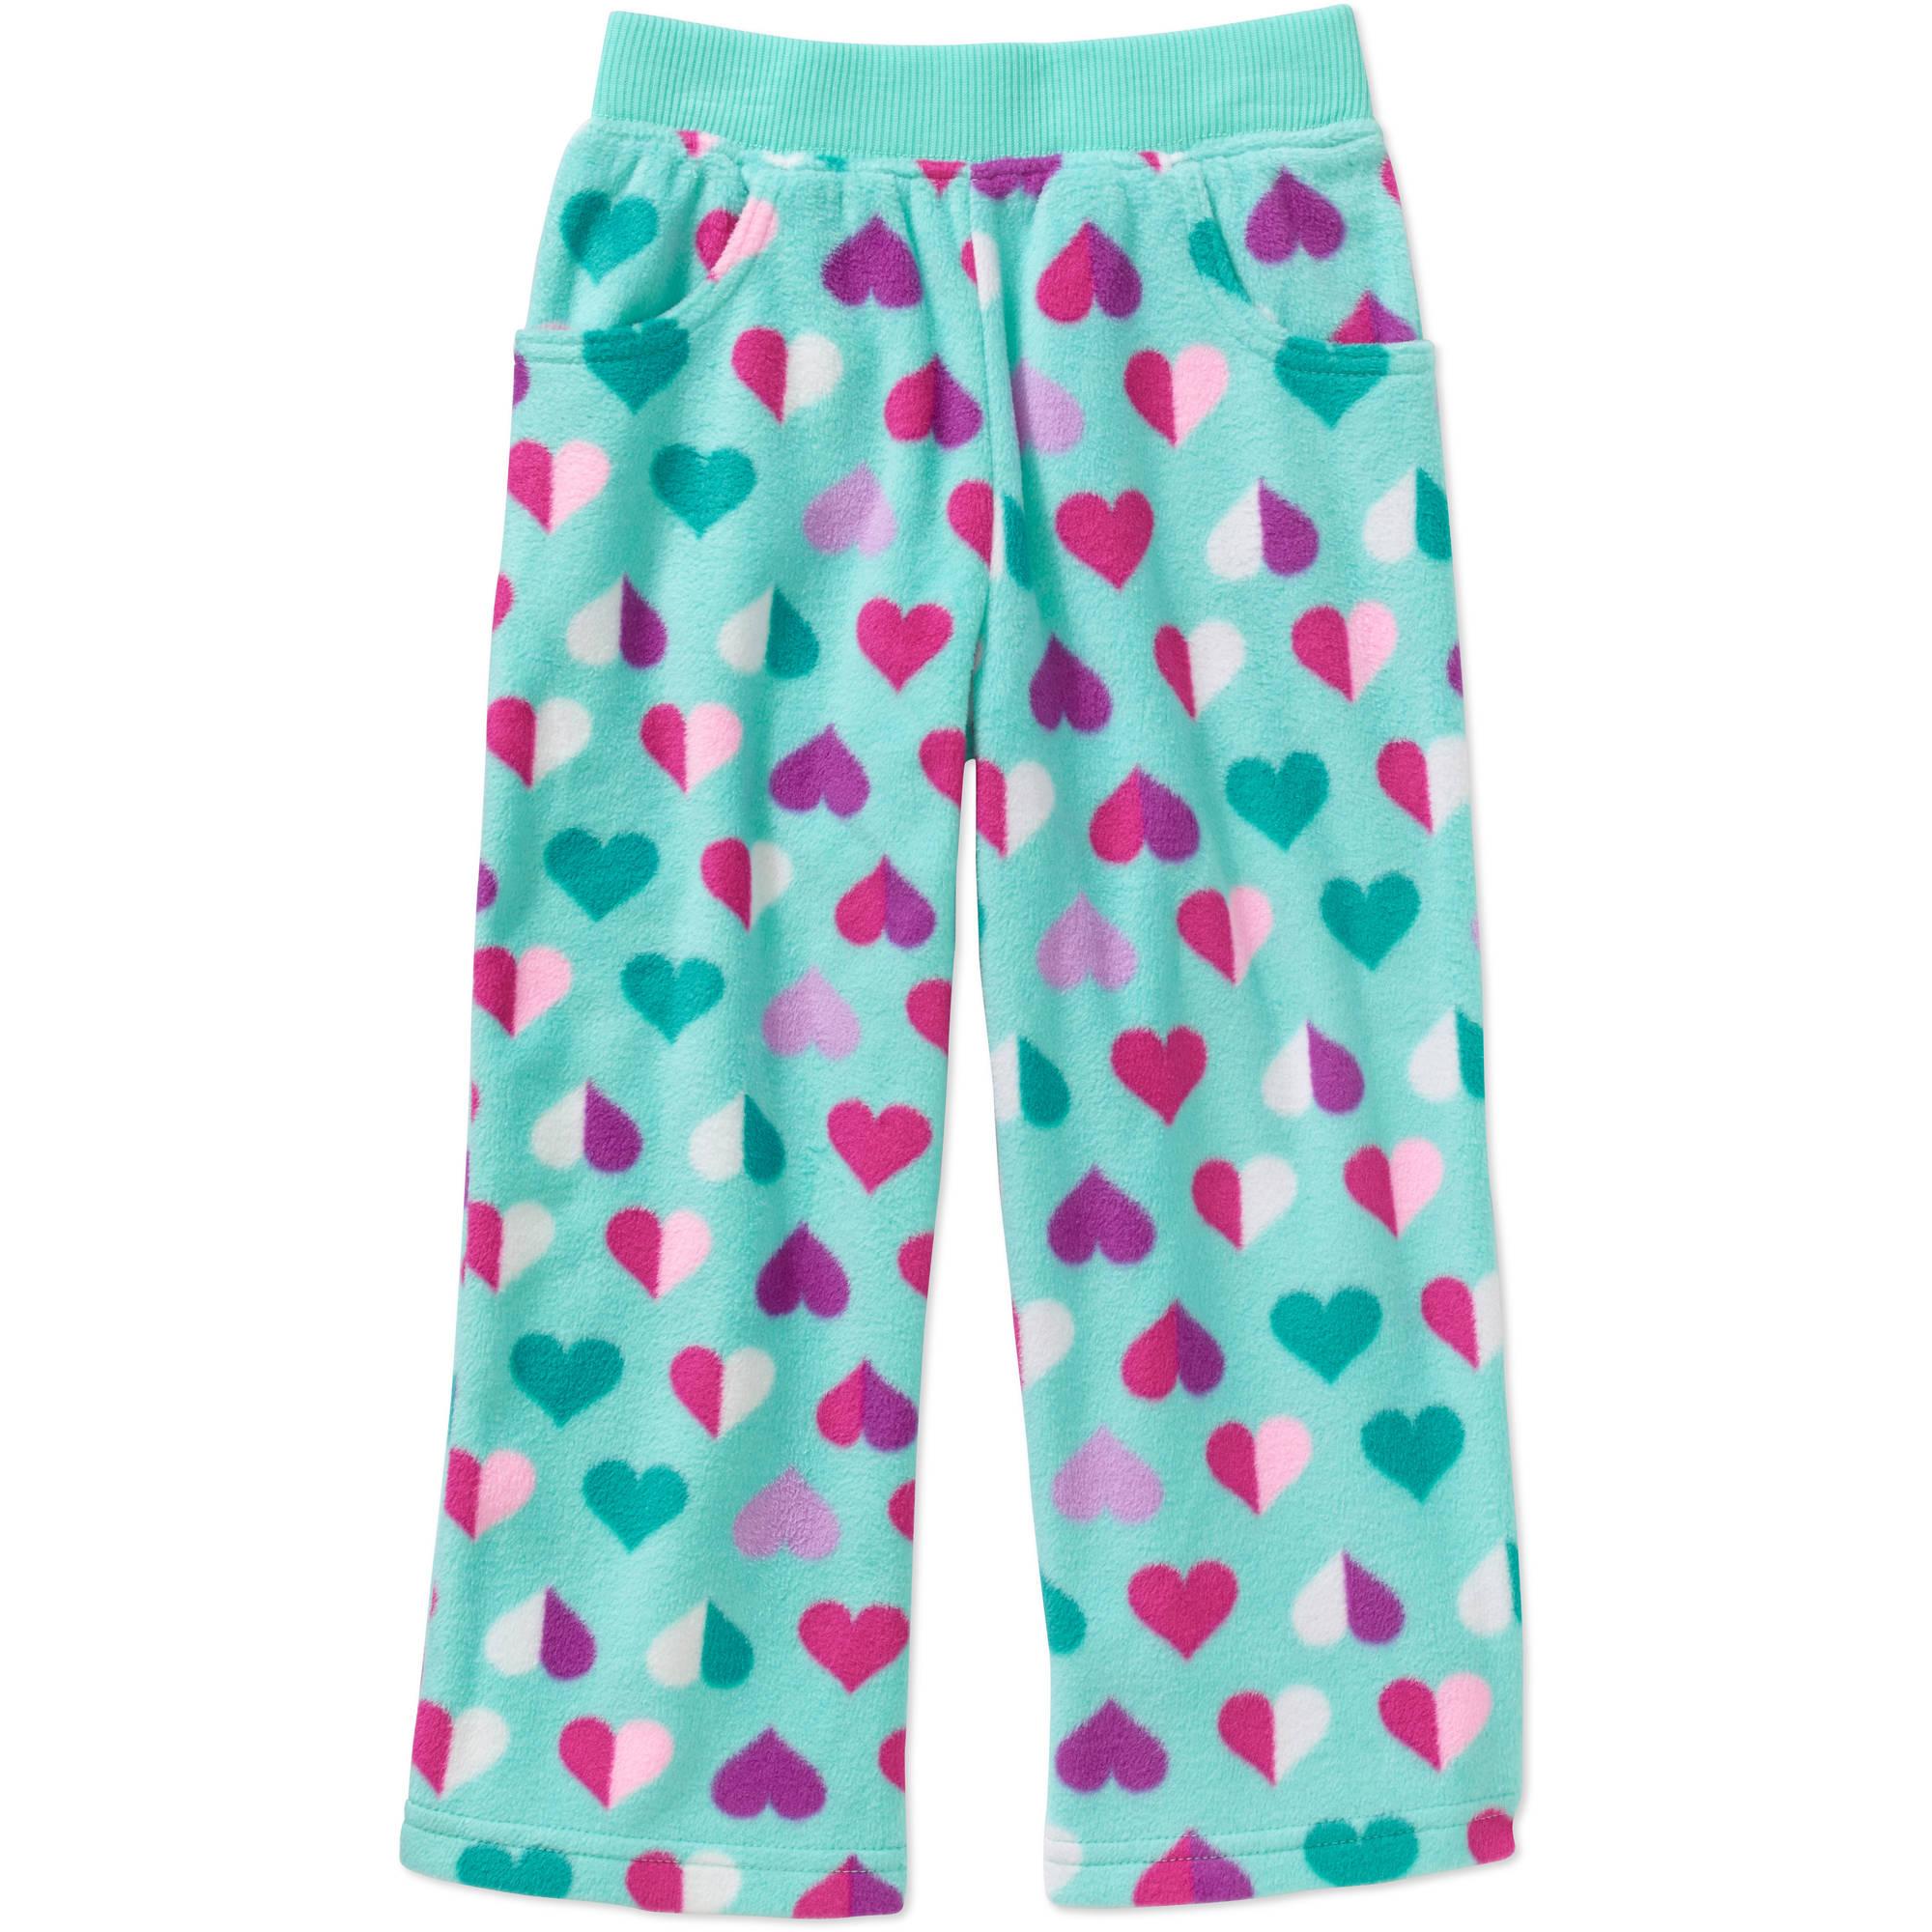 Garanimals Baby Toddler Girls' Micro Fleece Printed Pants